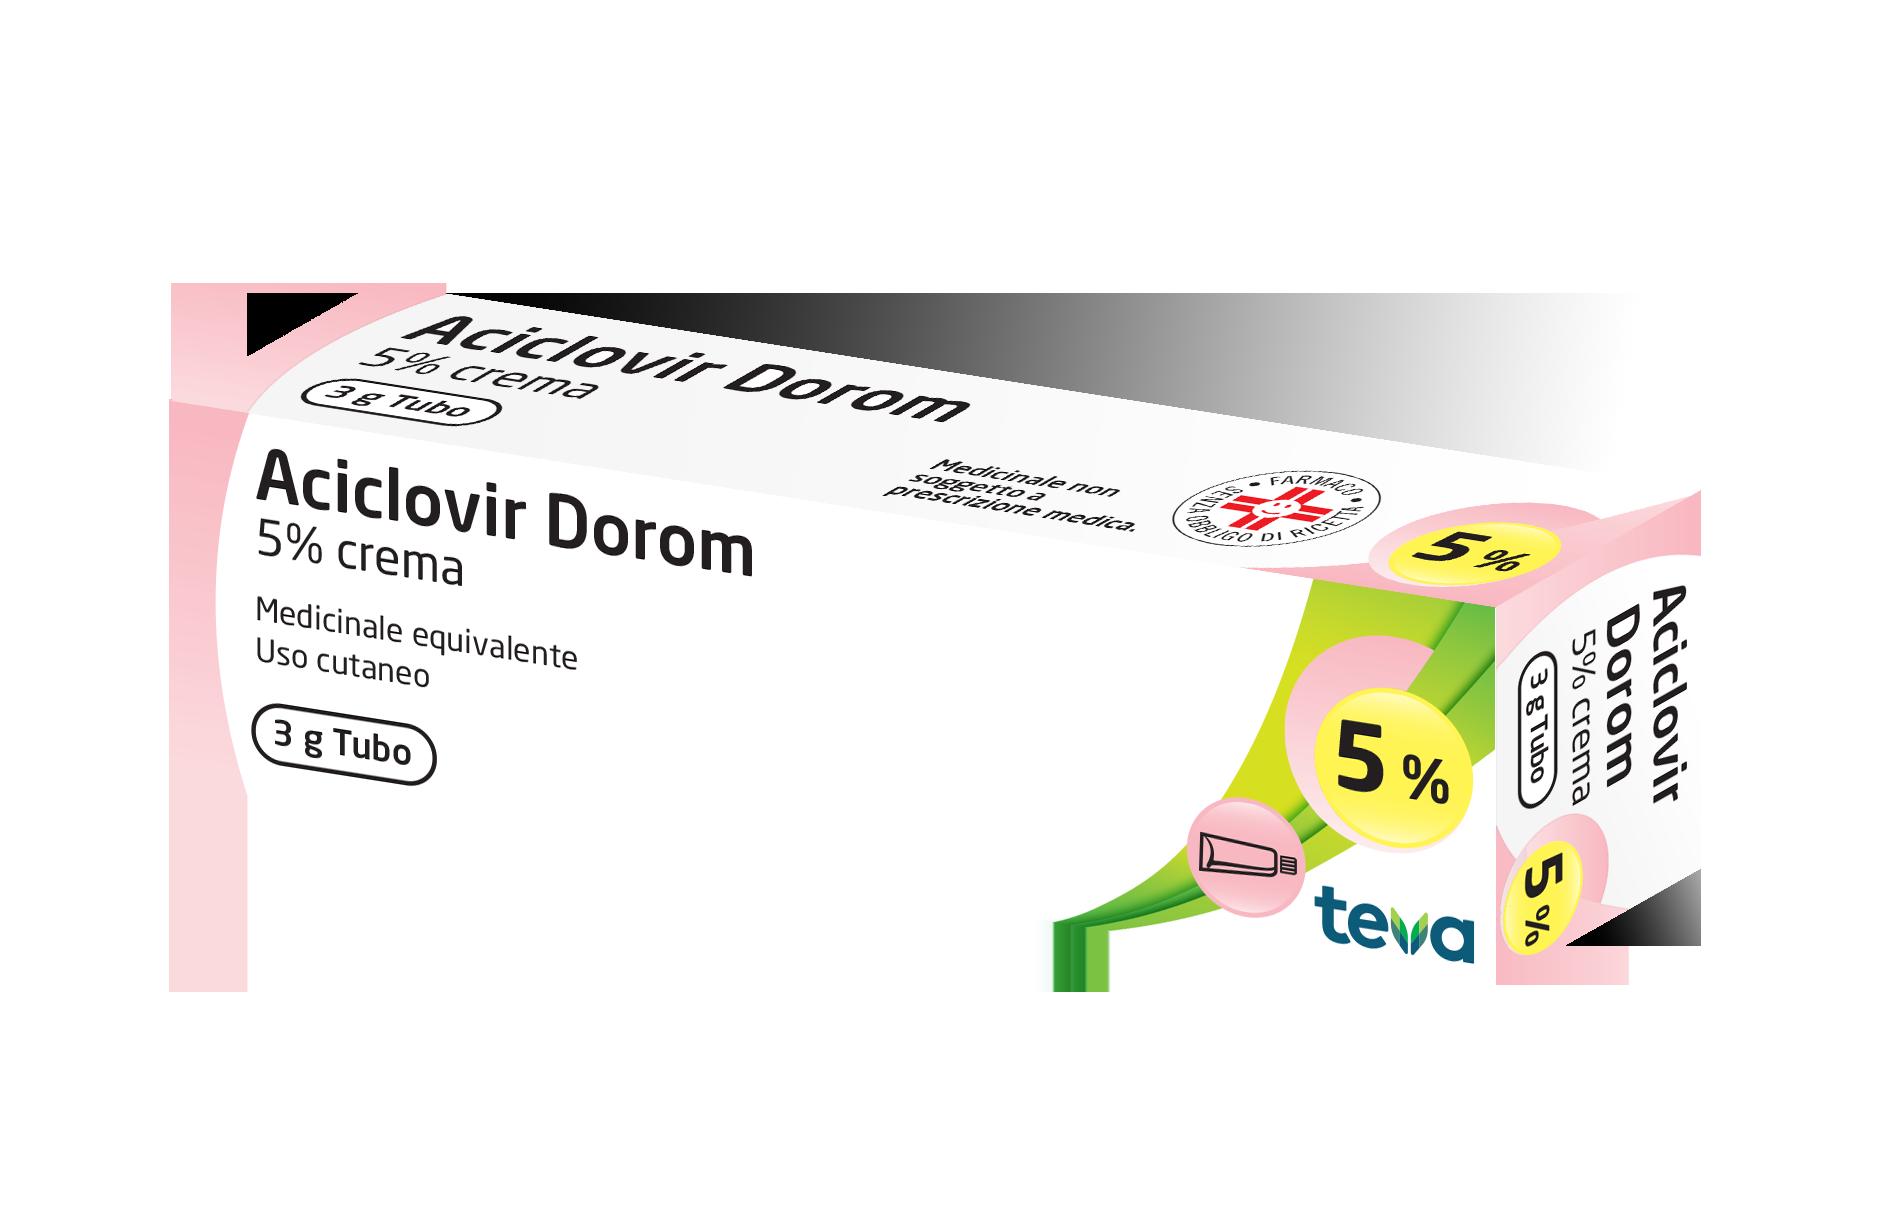 ACICLOVIR 5% DOROM CREMA TB 3G - FARMAEMPORIO